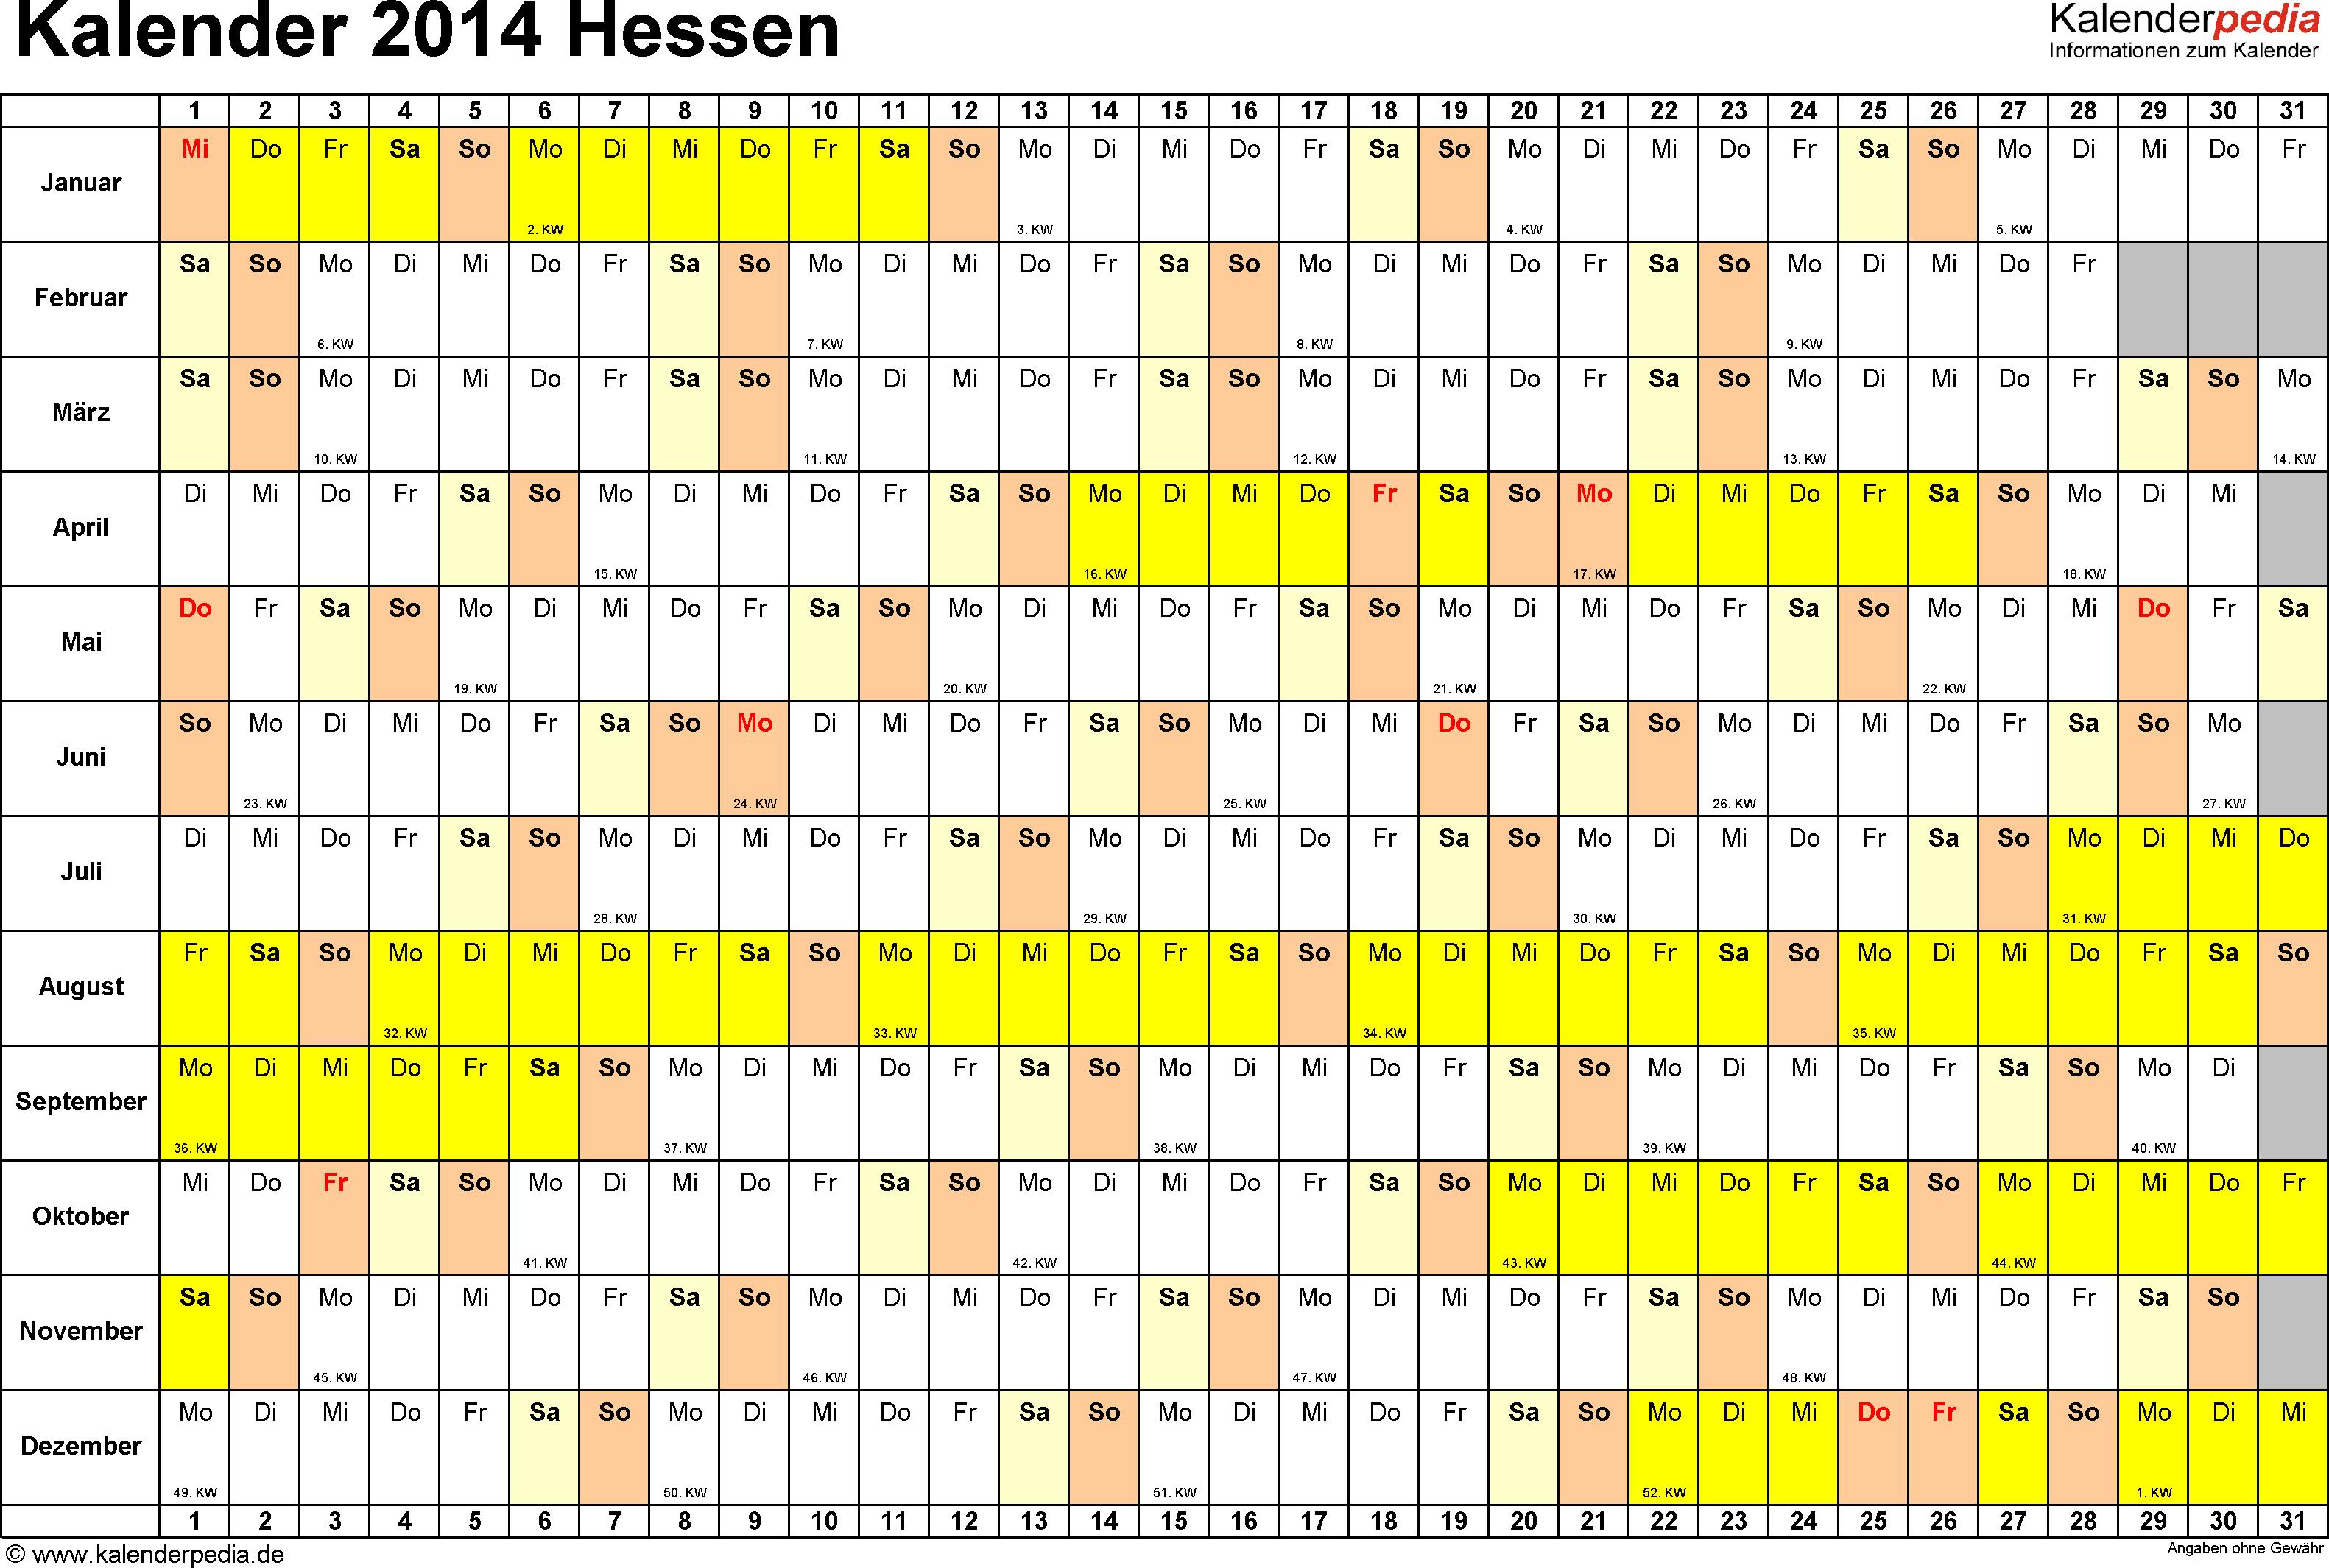 Vorlage 3: Kalender Hessen 2014 im Querformat, Tage nebeneinander